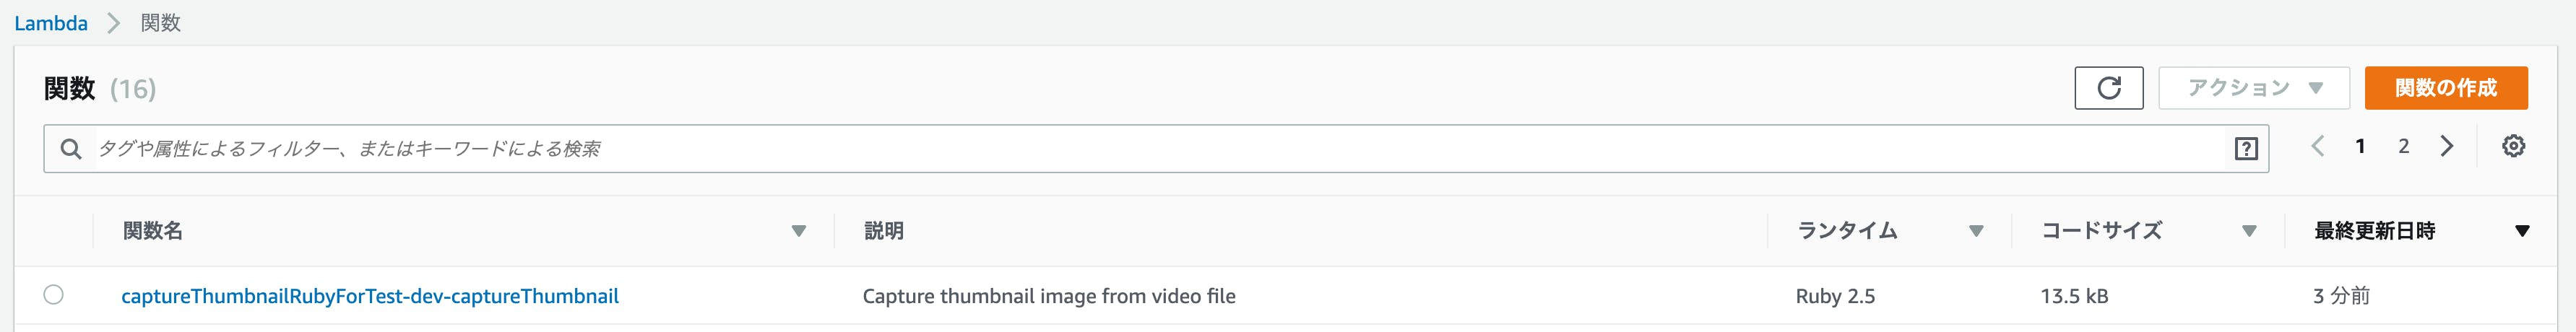 スクリーンショット 2019-05-11 19.10.40.png (126.6 kB)